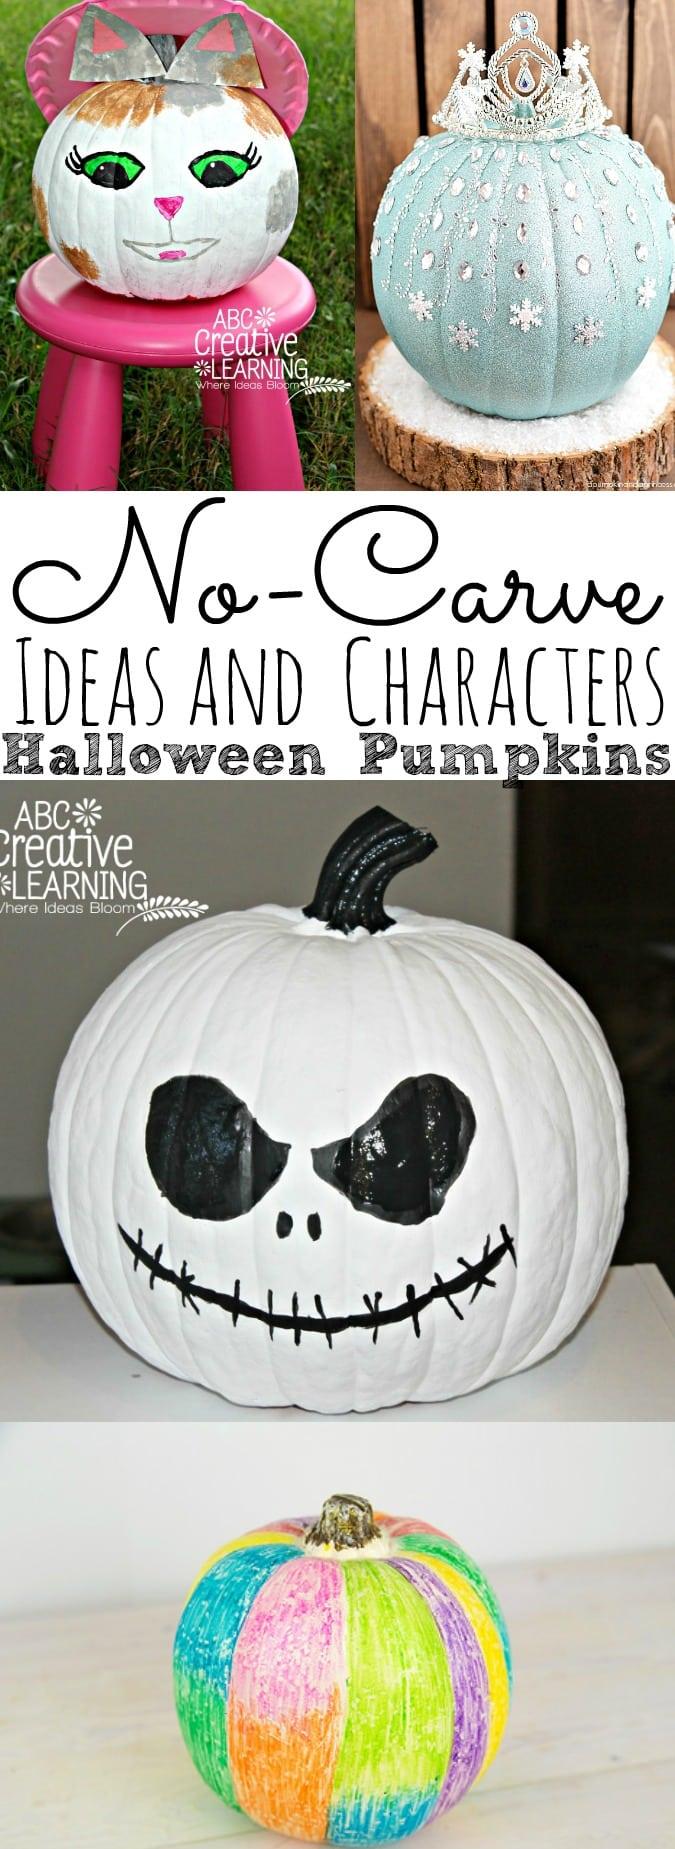 No-Carve Halloween Pumpkins Round-Up - simplytodaylife.com